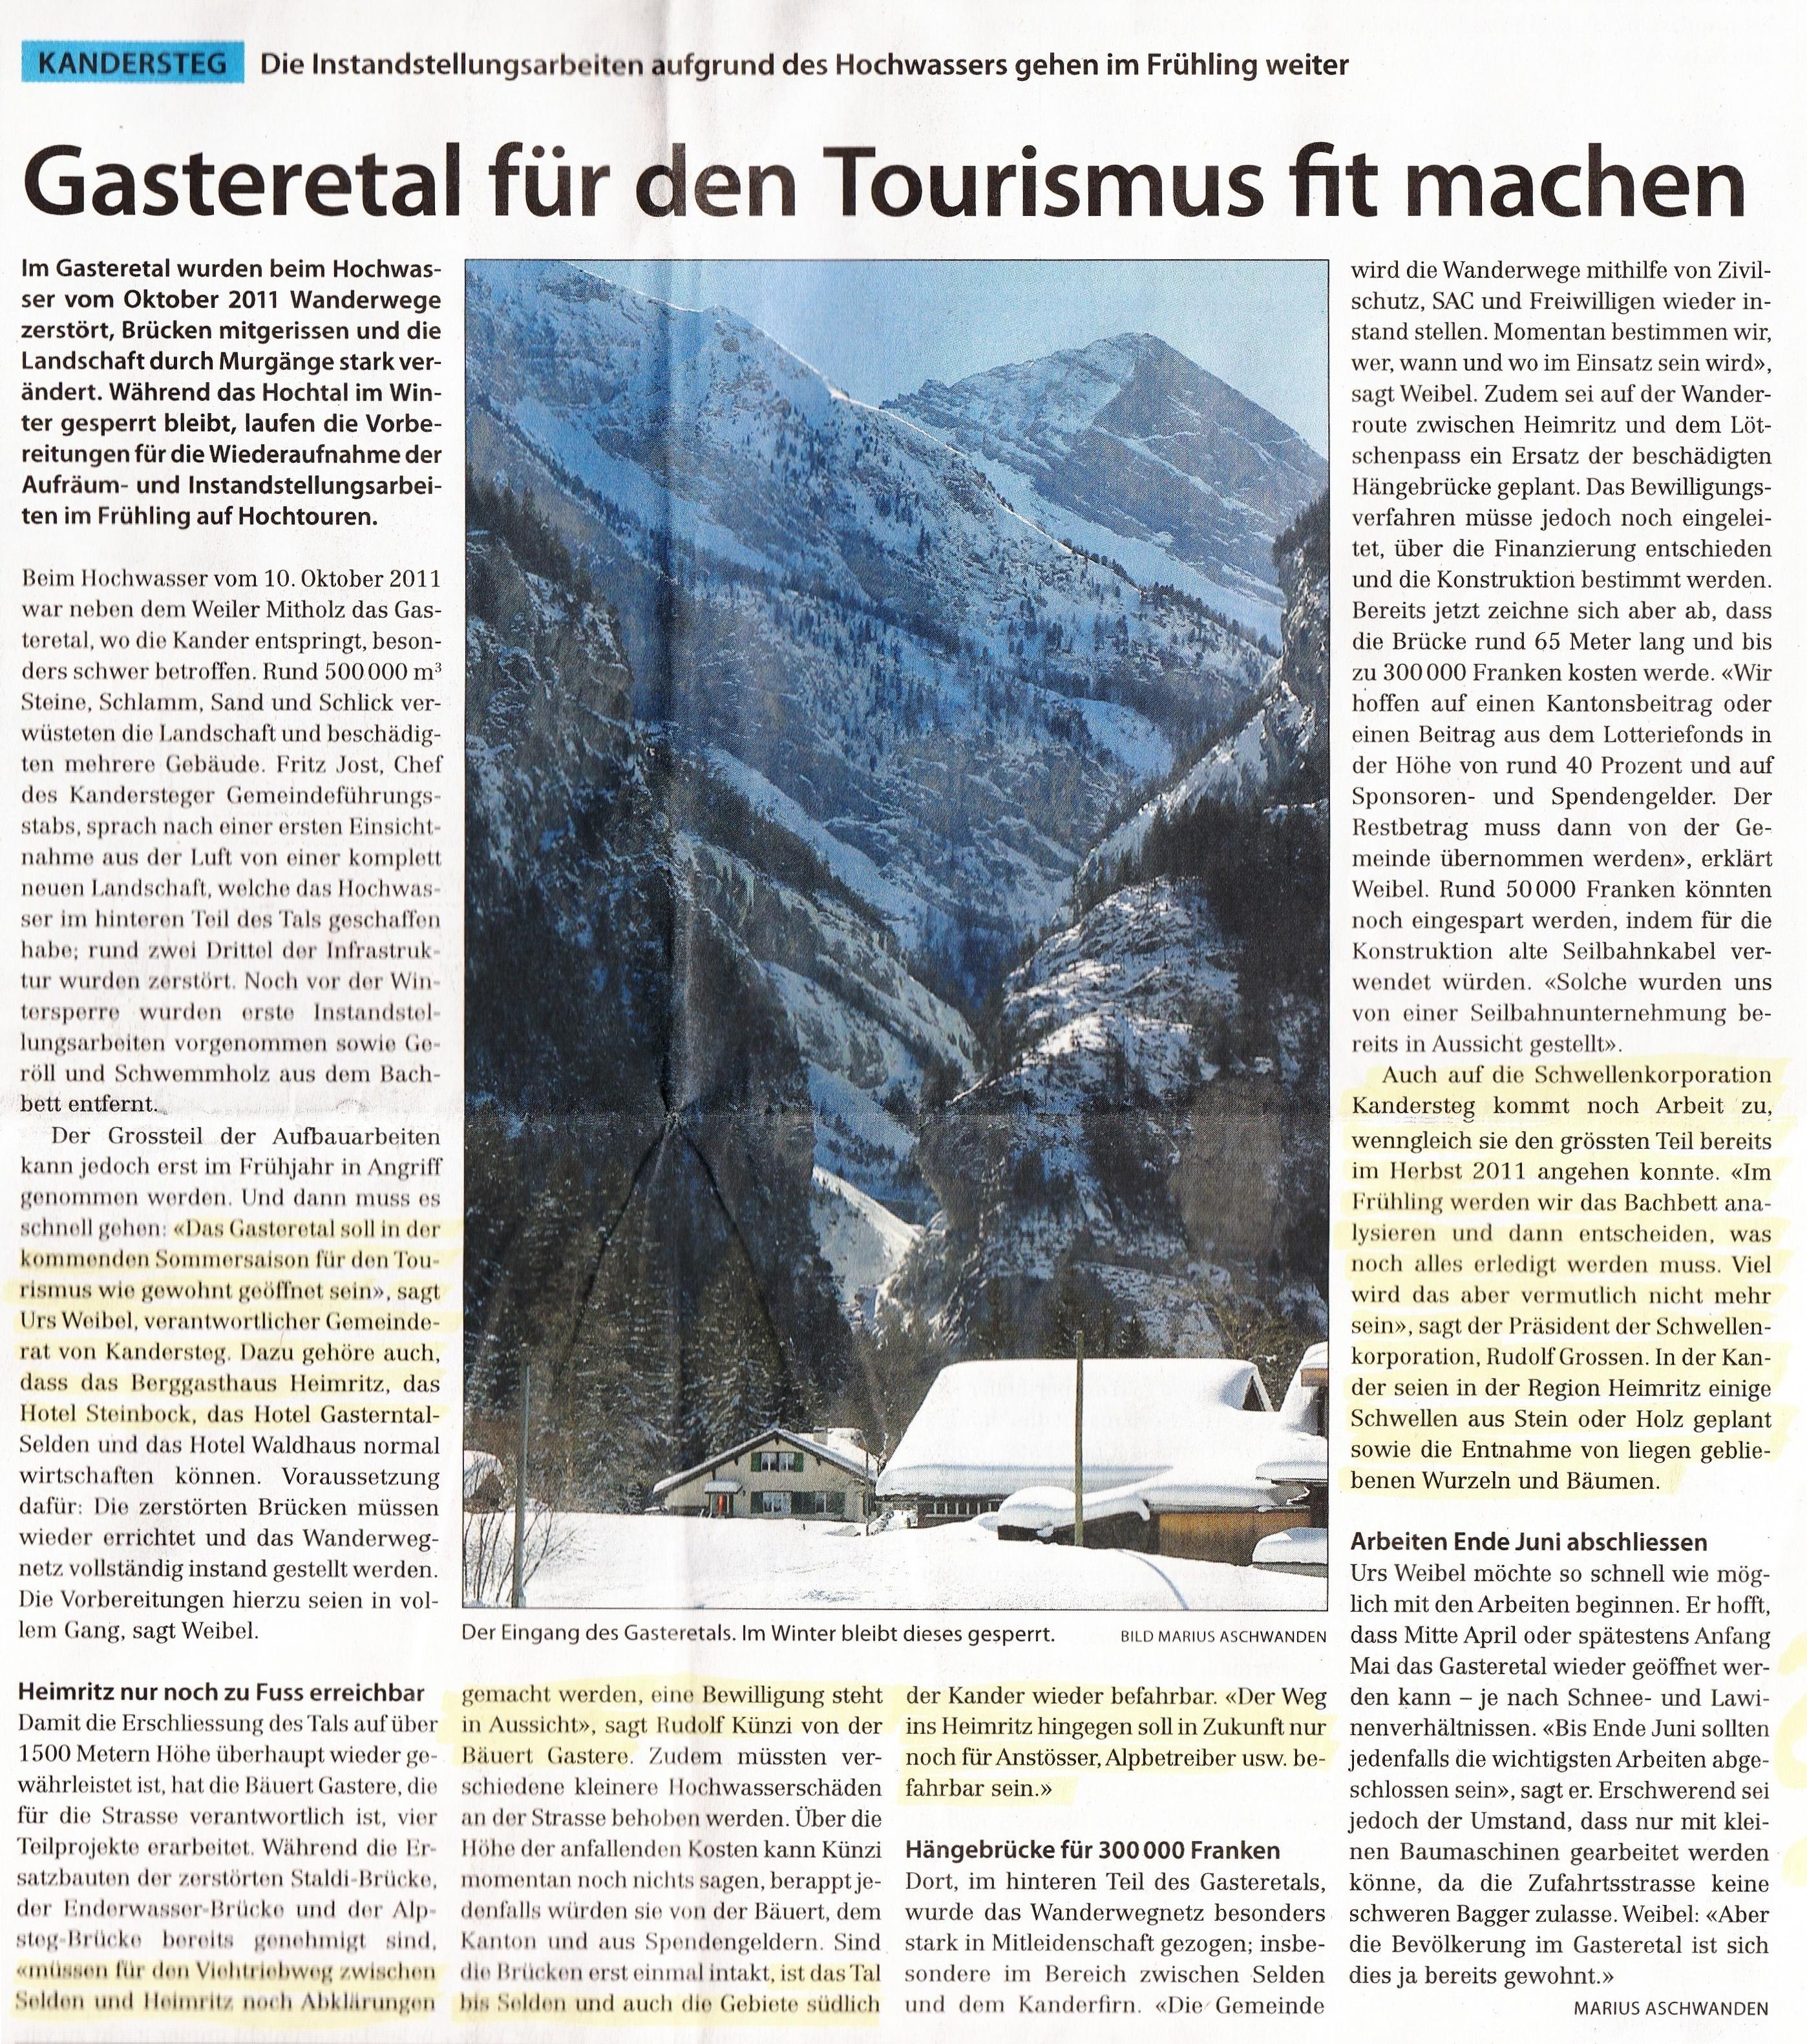 Charmant In Der Nacht Funken Mit Drähten Machen Galerie - Die Besten ...